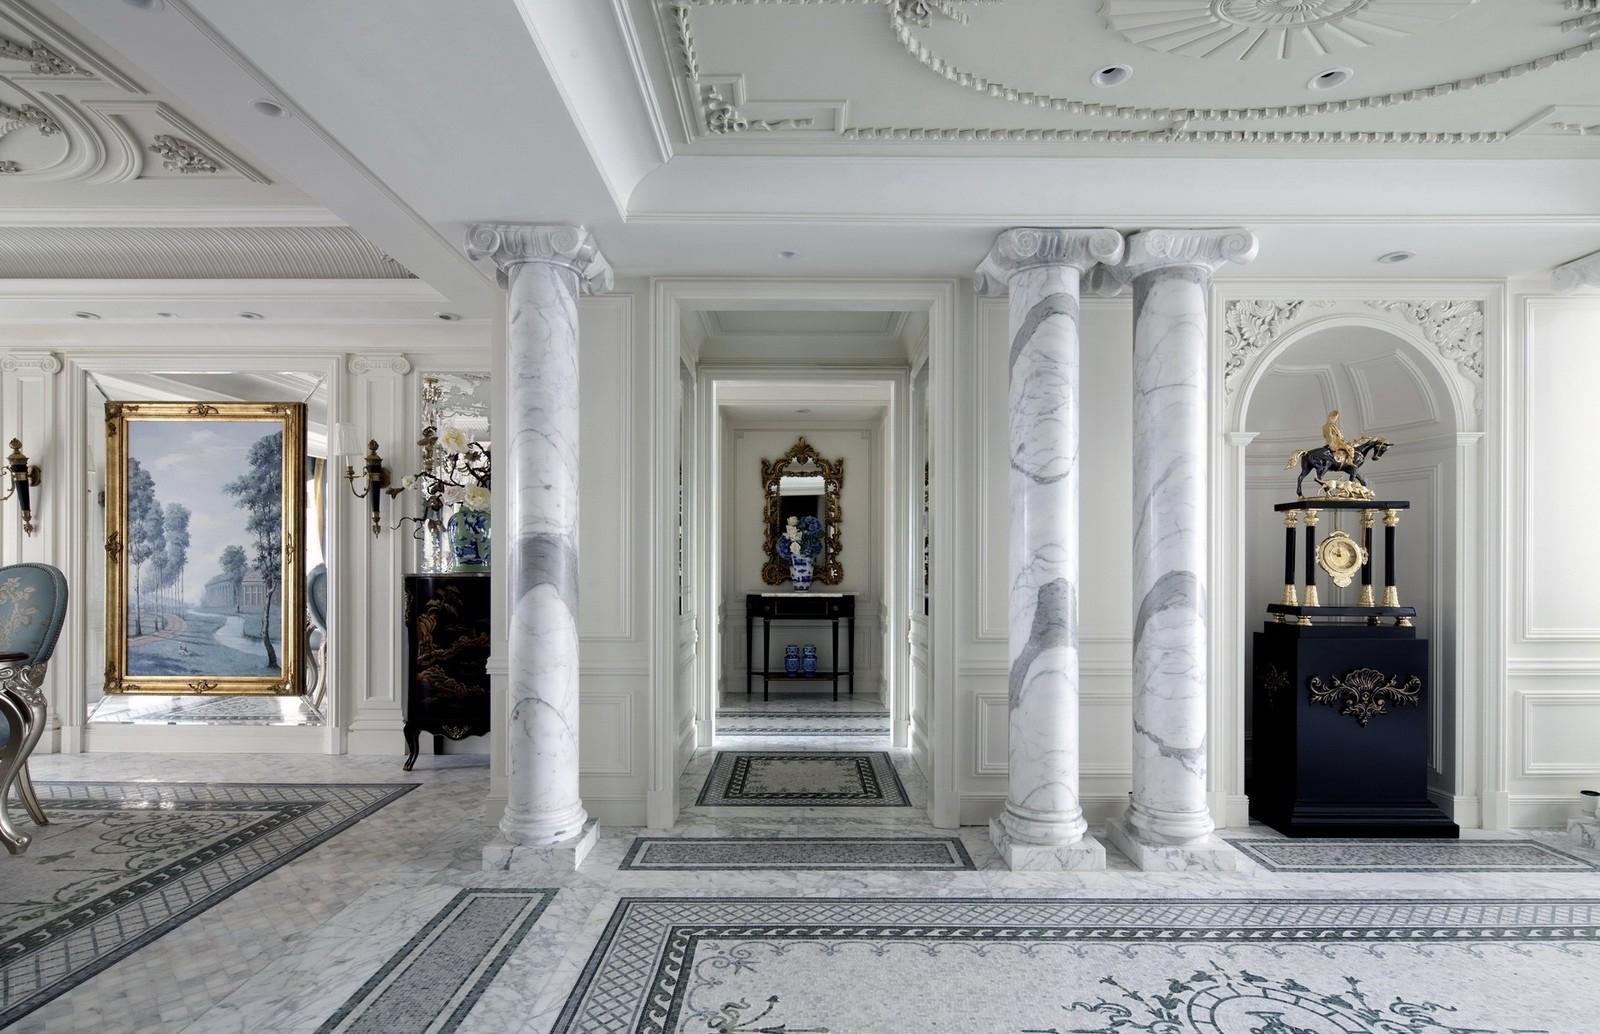 别墅装修 别墅设计 别墅效果图 法式风格 客厅图片来自石家庄亿佰居装饰在法式别墅的浪漫与品味的分享